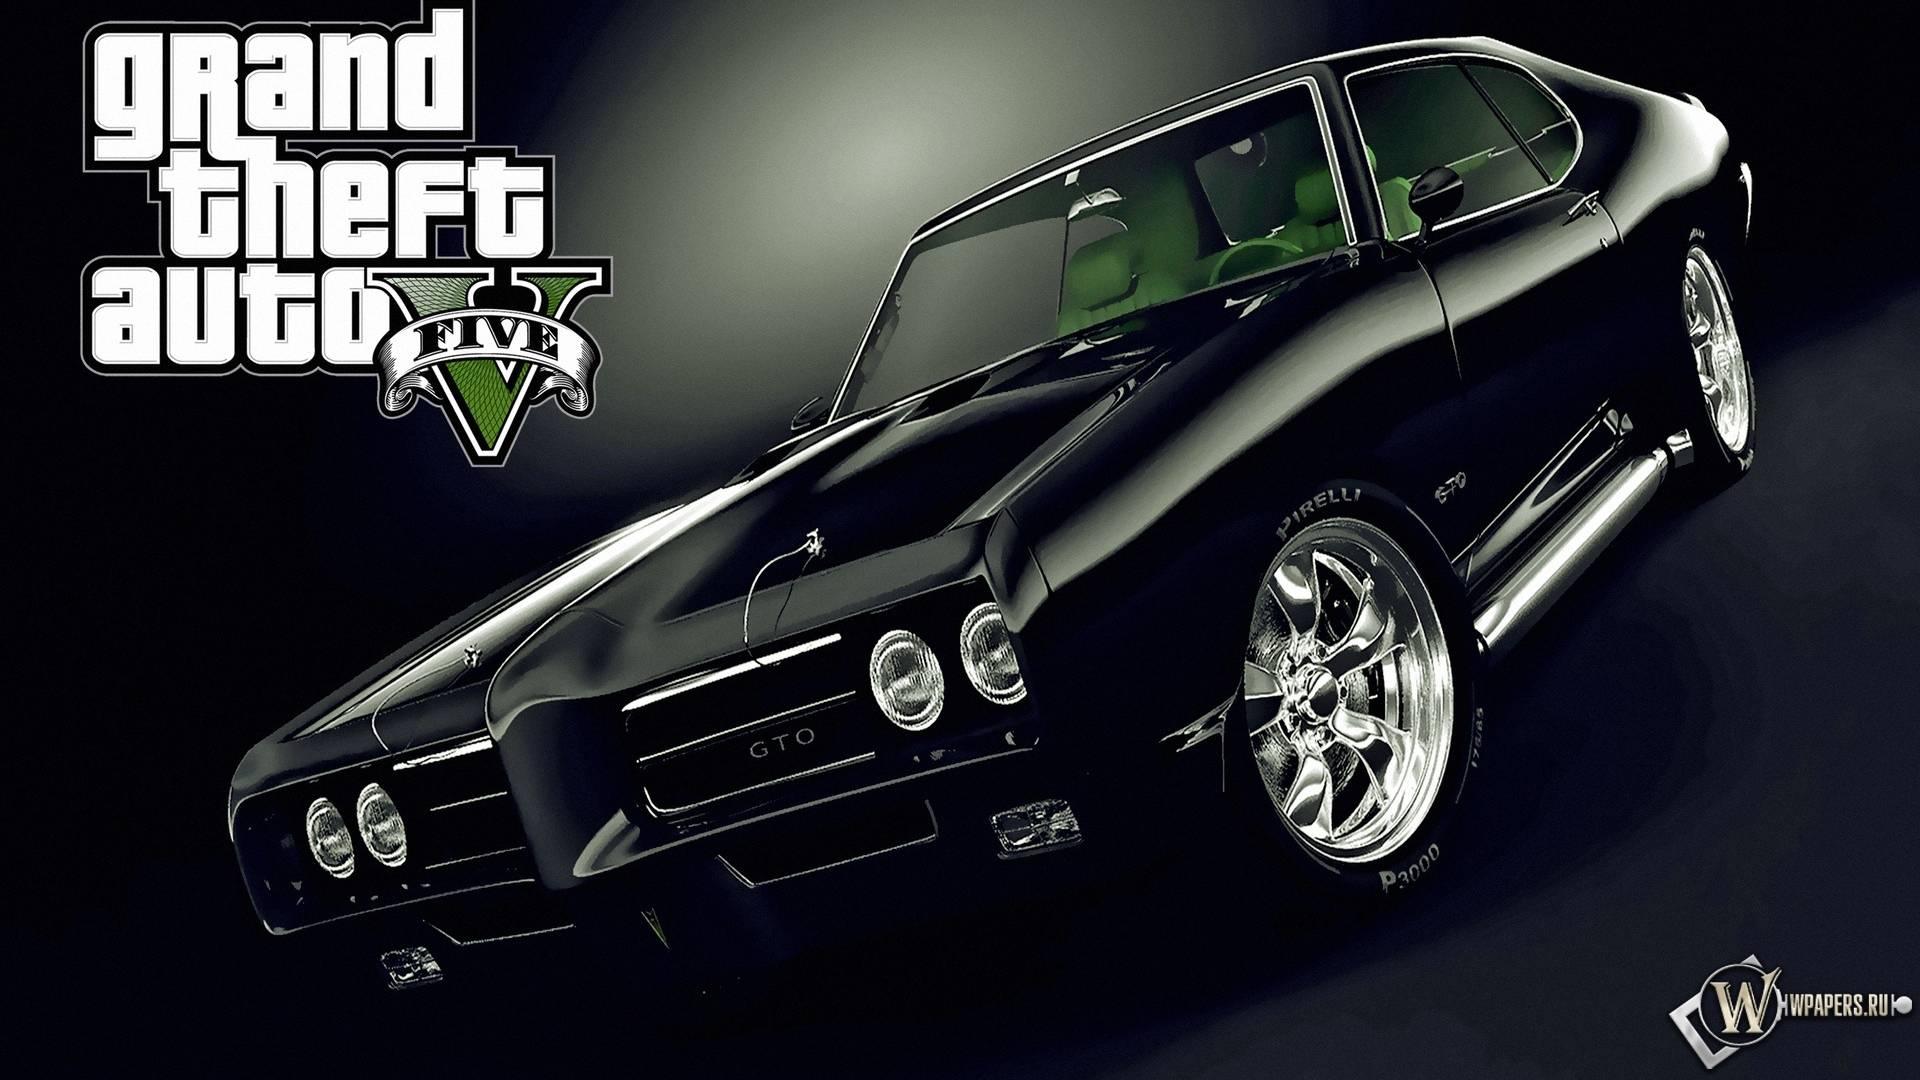 GTA 5 CAR   Grand Theft Auto Wallpaper 1920x1080